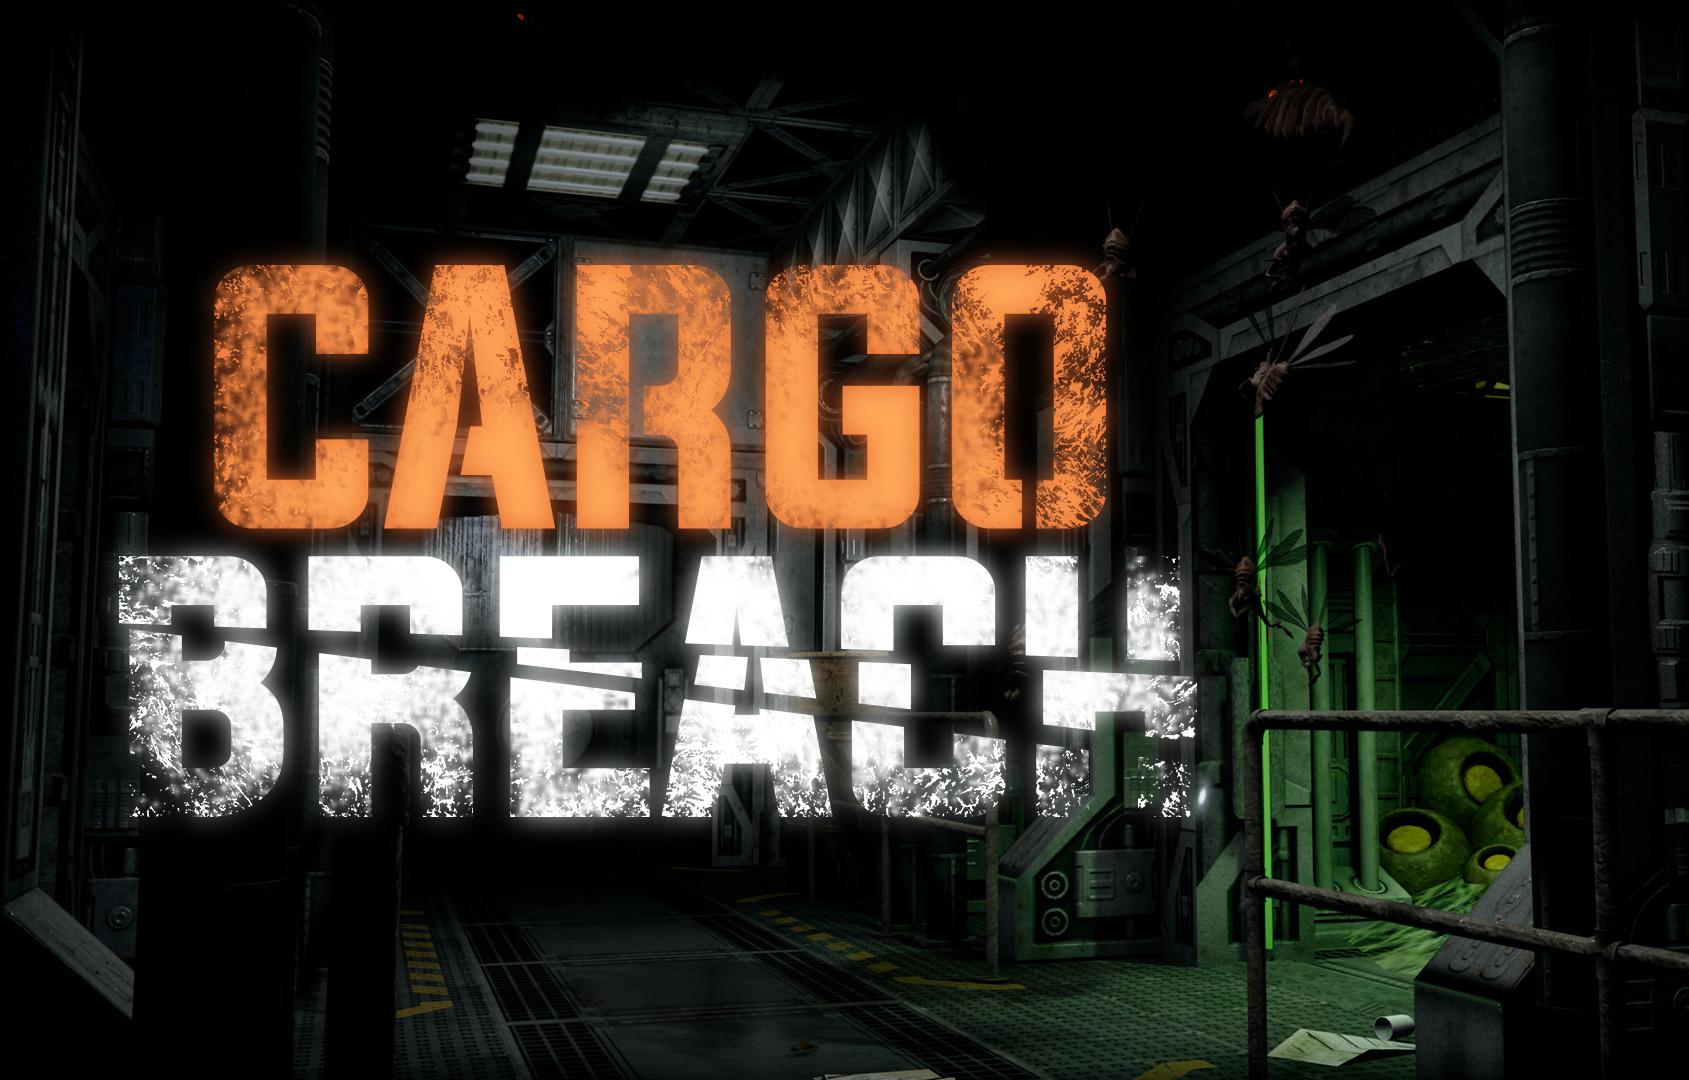 Cargo Breach